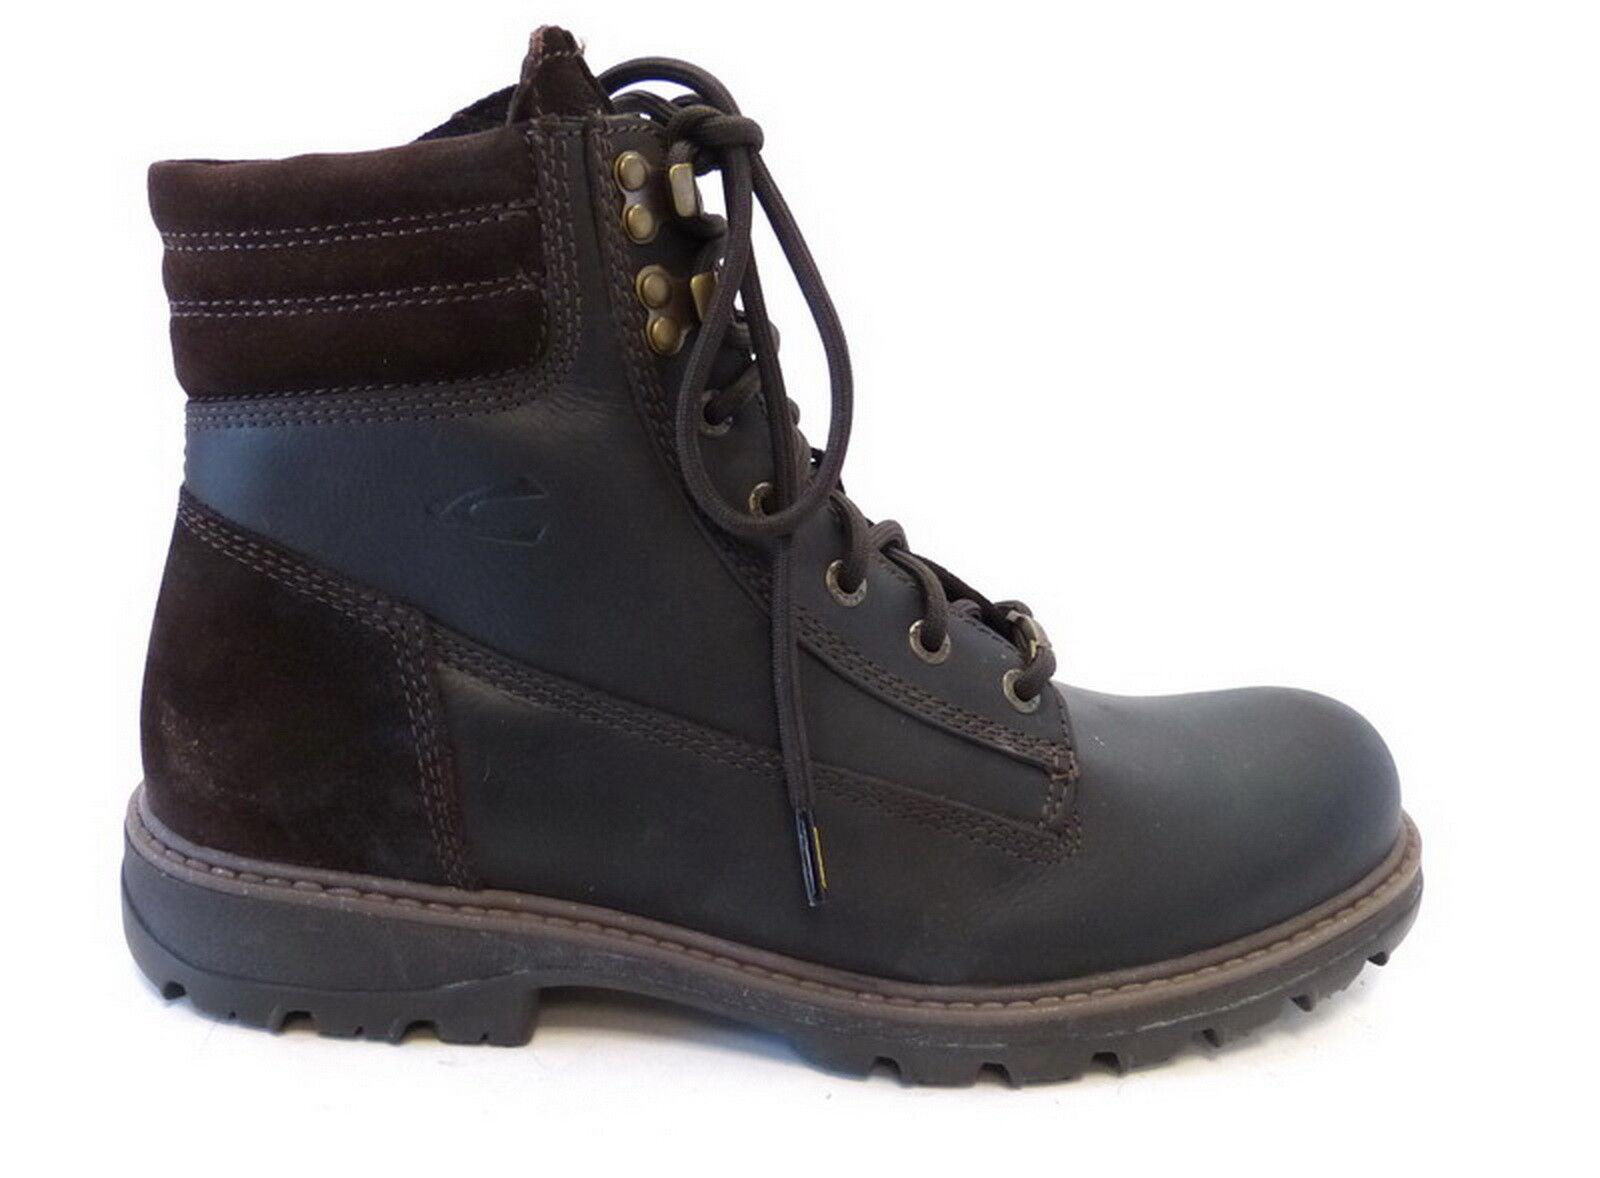 Camel Active warm Schnür Boot 36412 02 mocca braun Goretex wasserdicht Leder